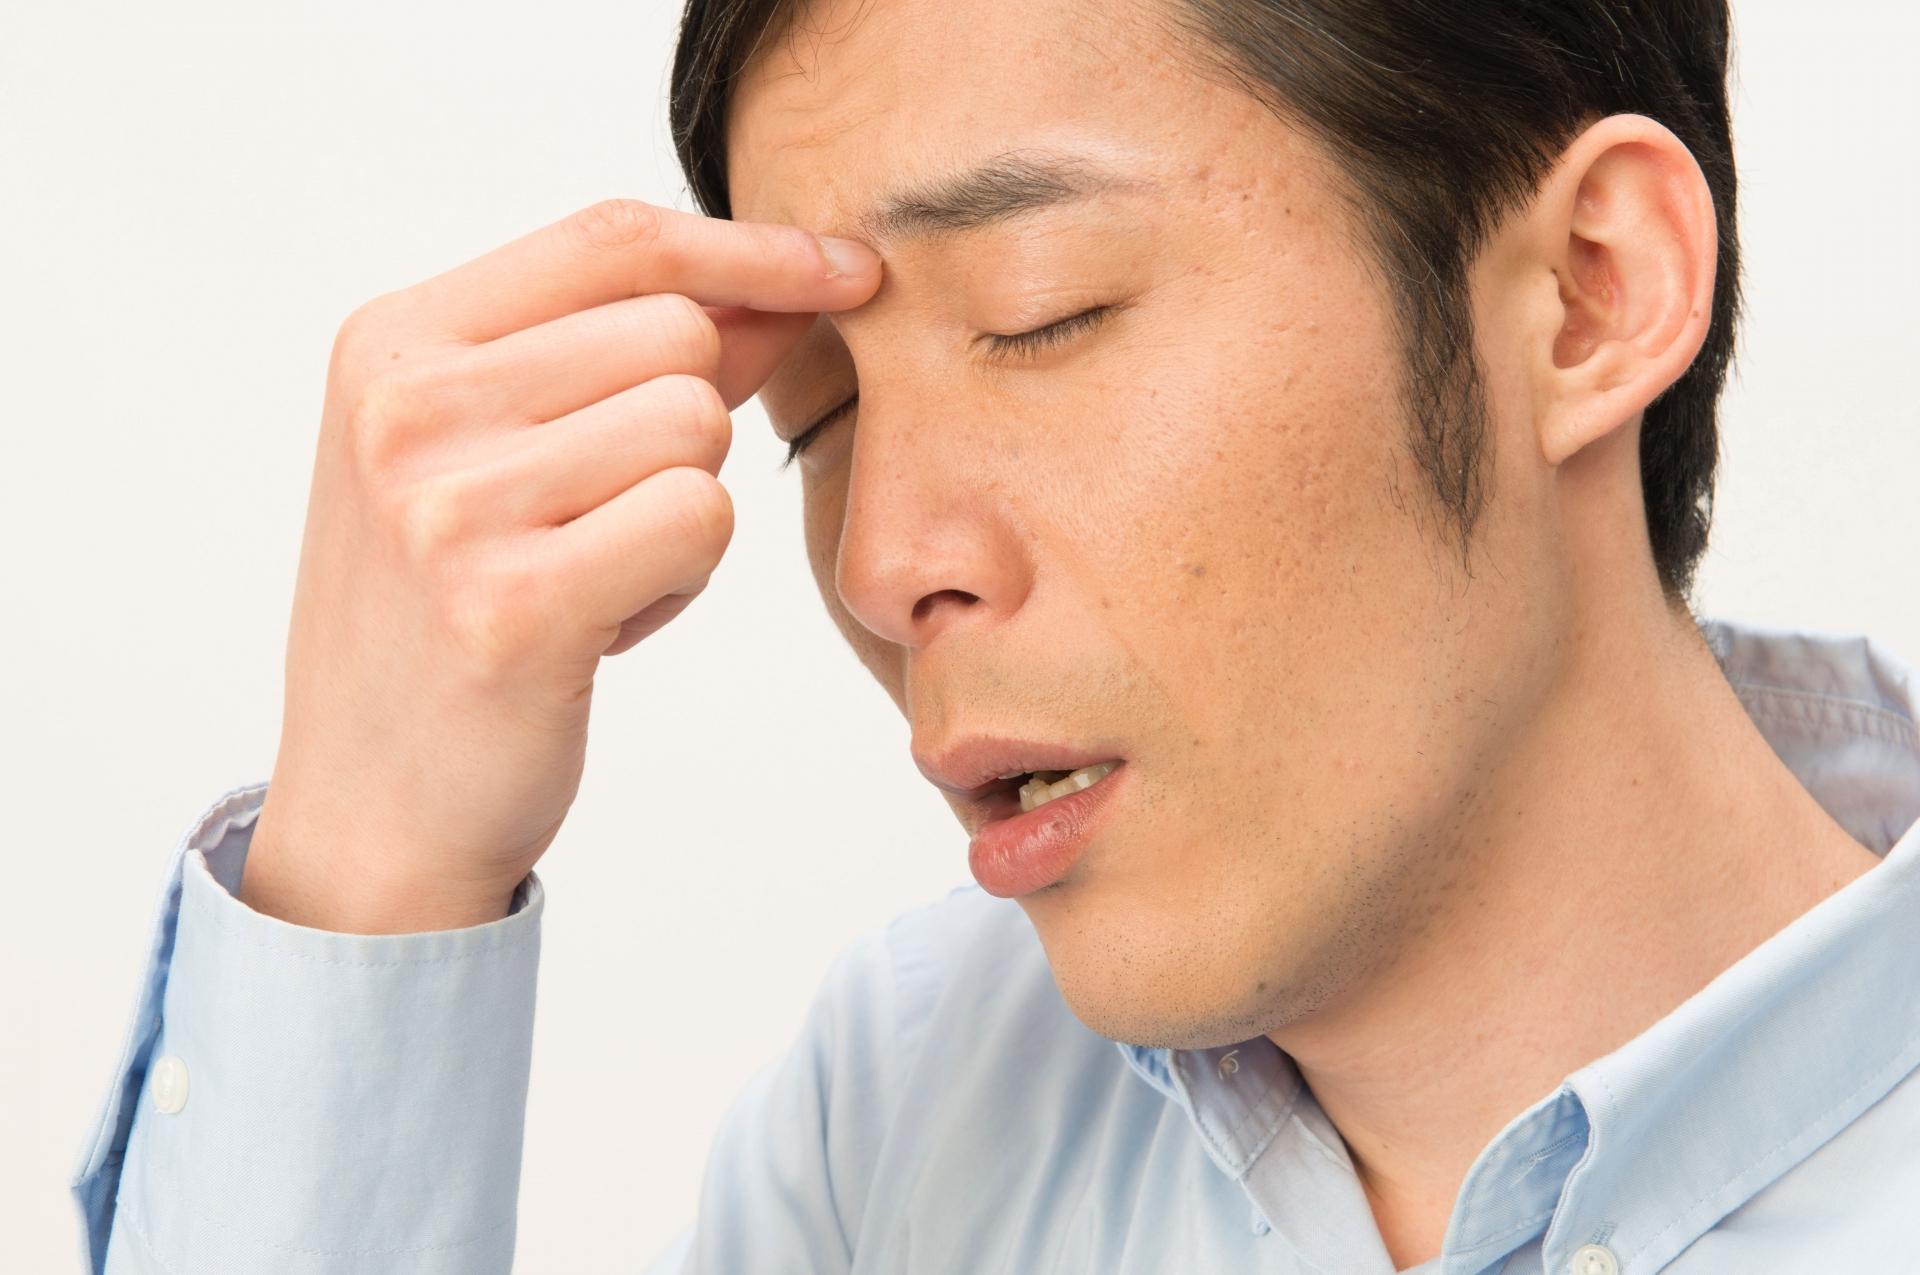 眼精疲労と抜け毛や薄毛の関係